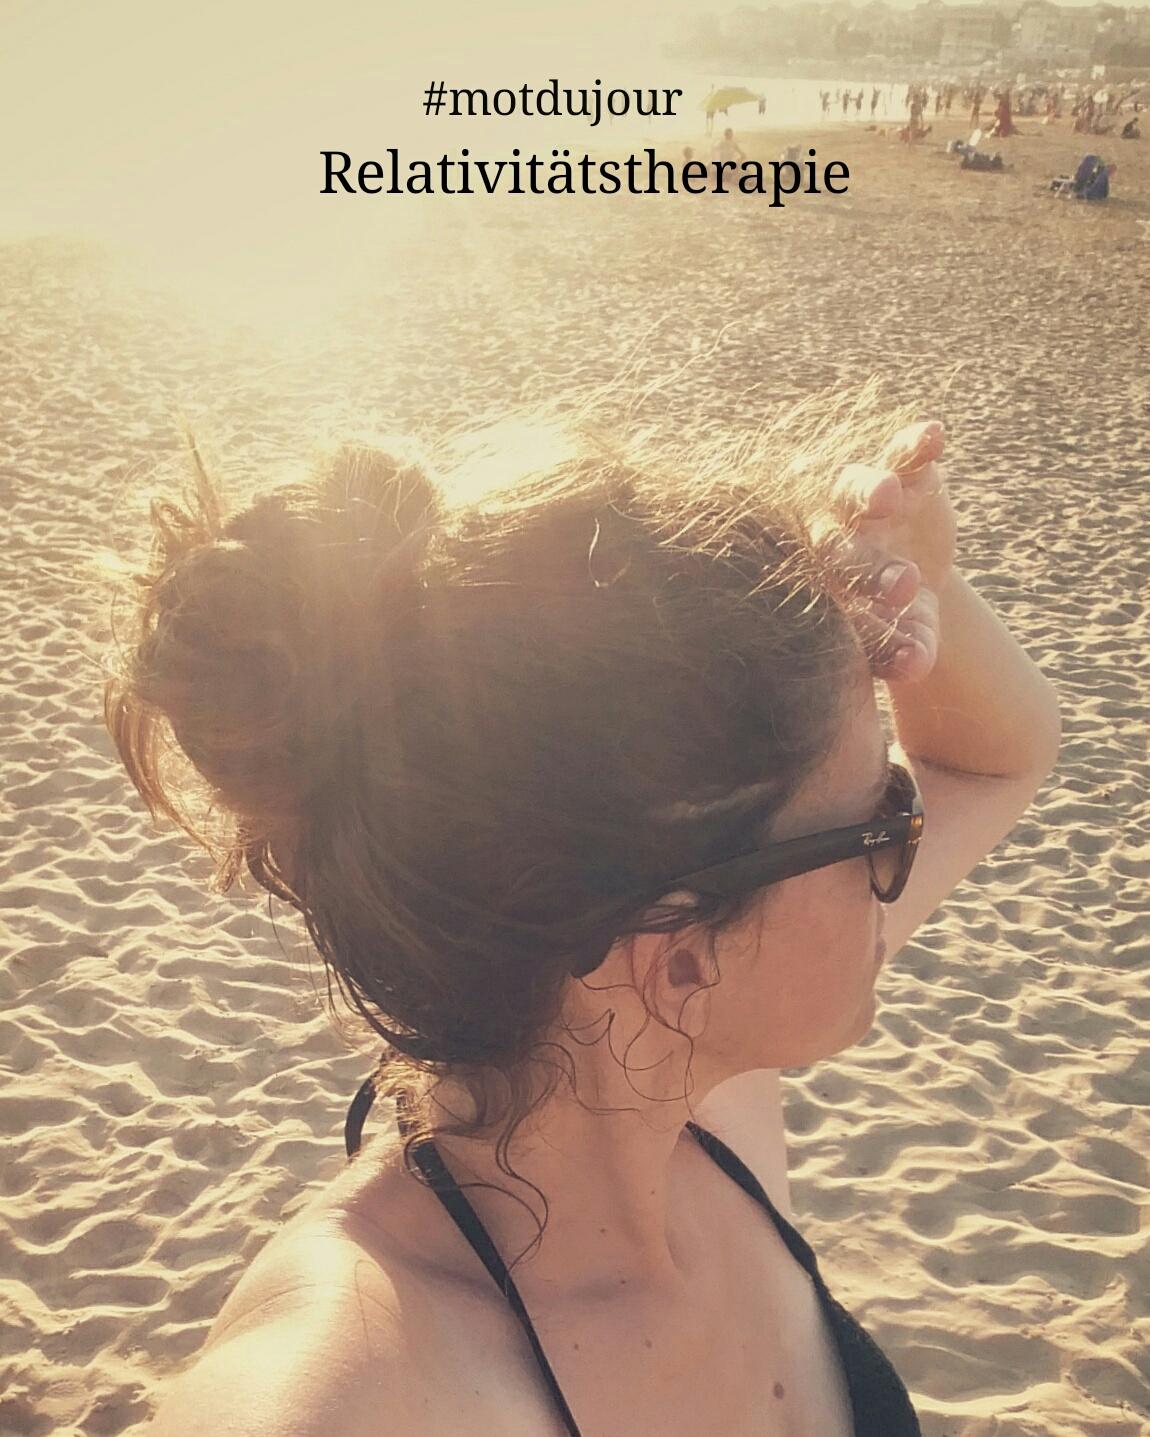 #motdujour | Relativitätstherapie